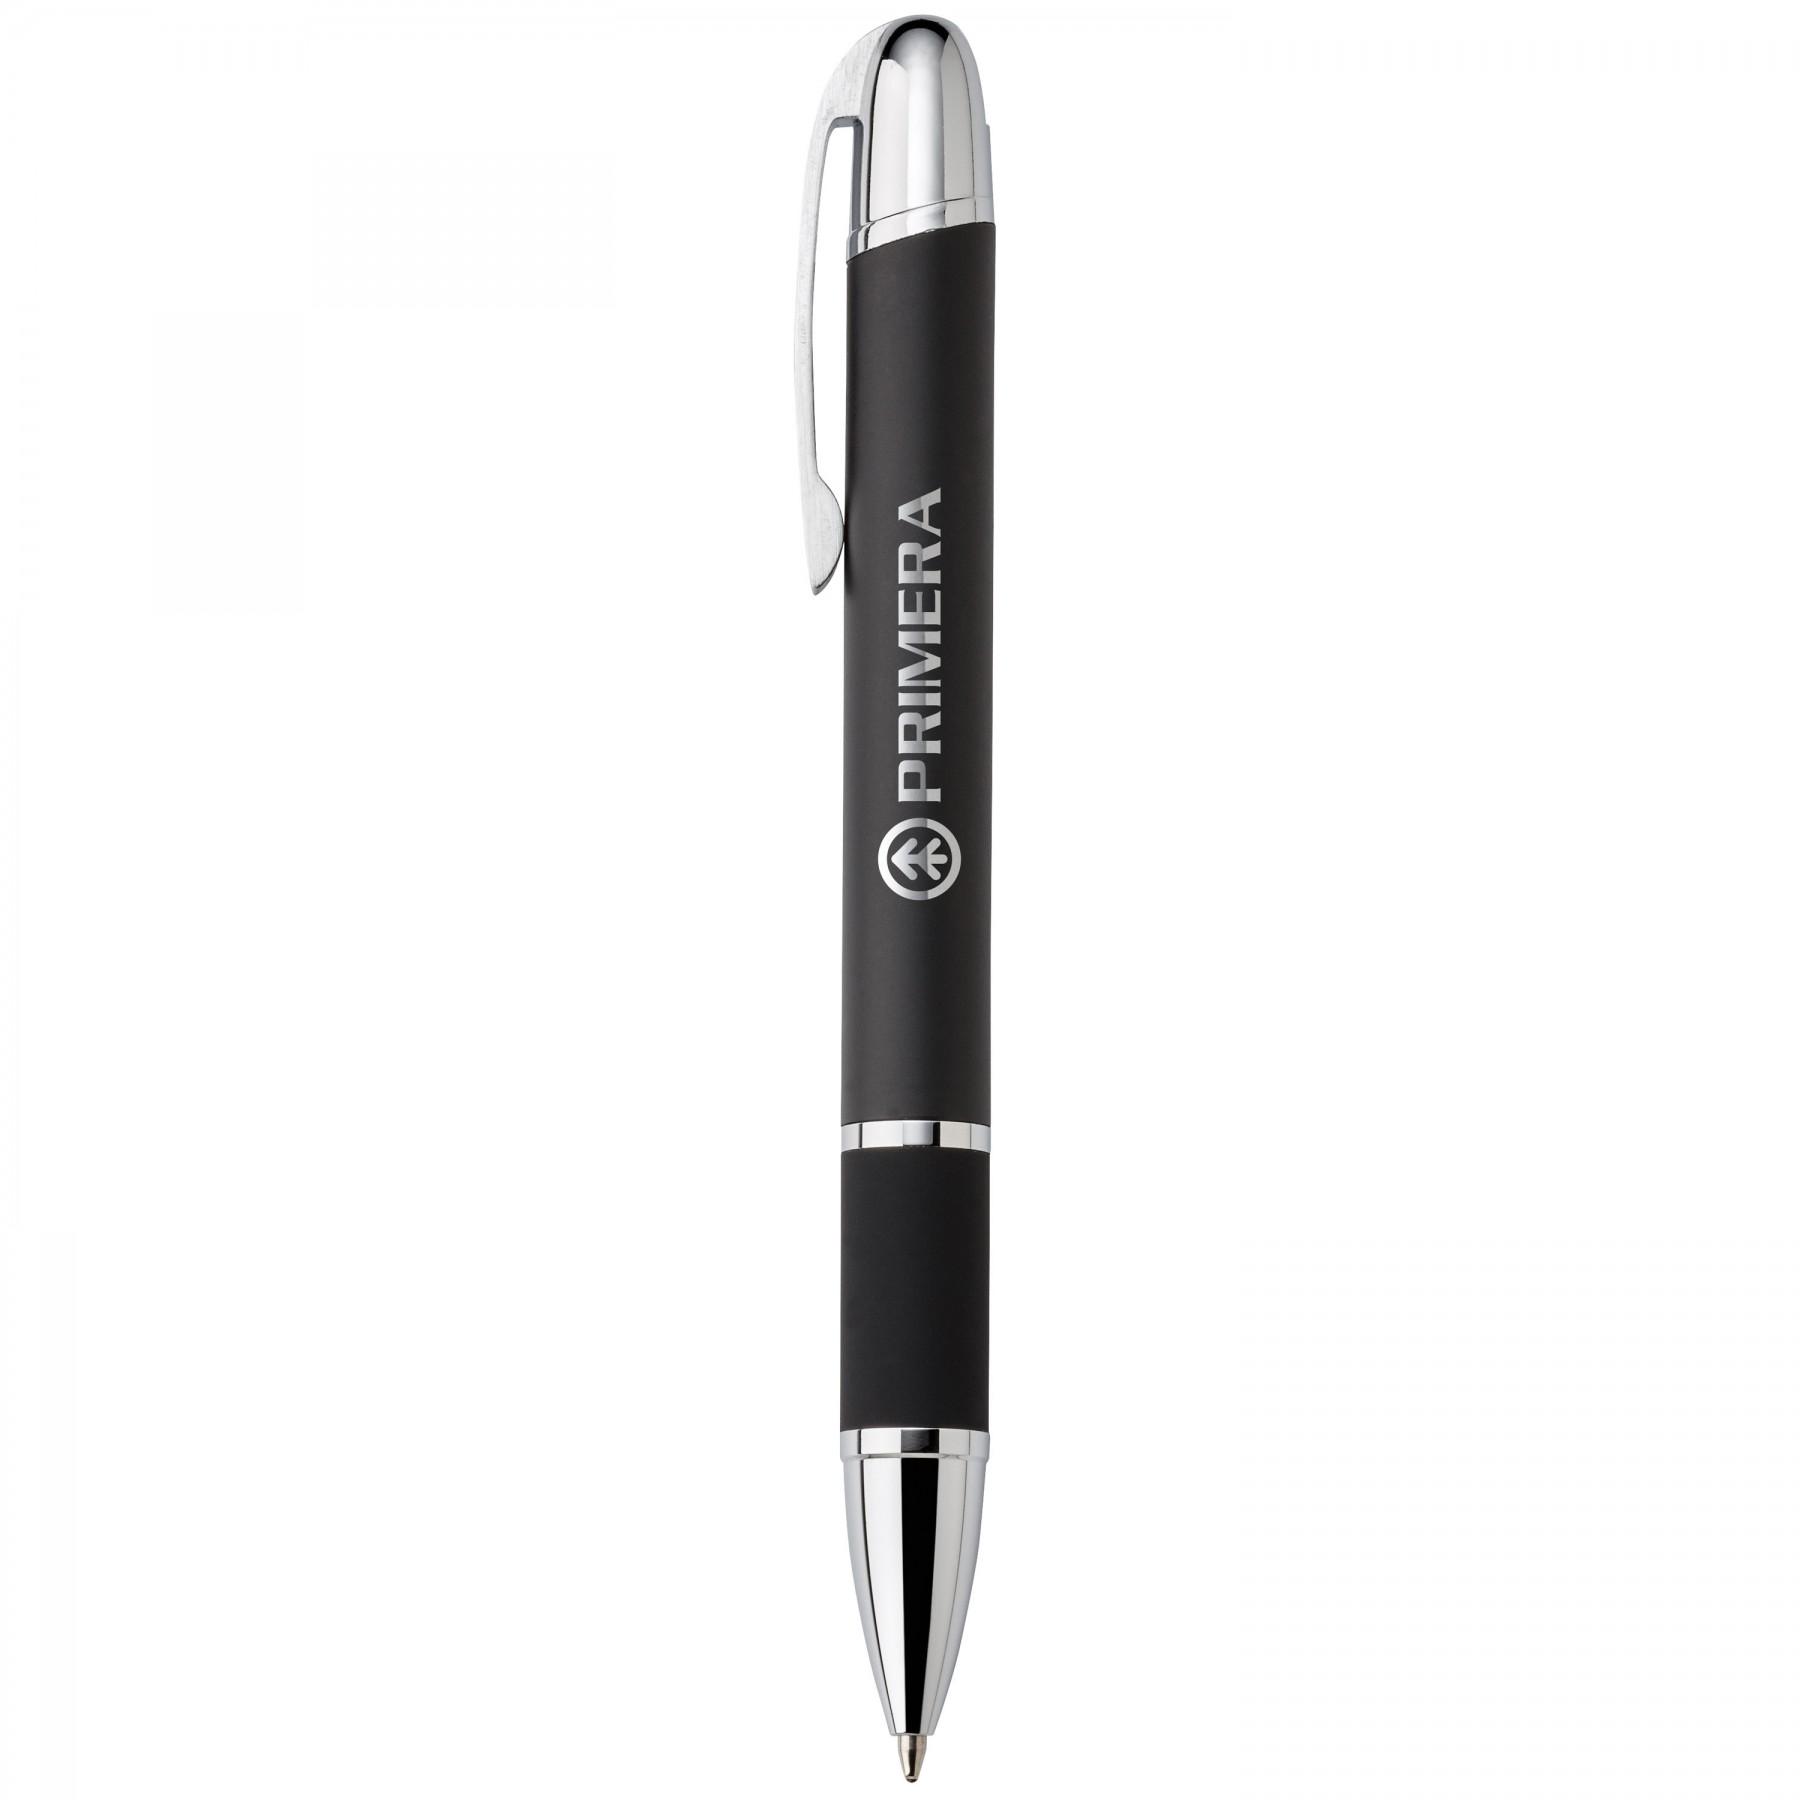 Trent Ballpoint Pen, G3144, Laser Imprint